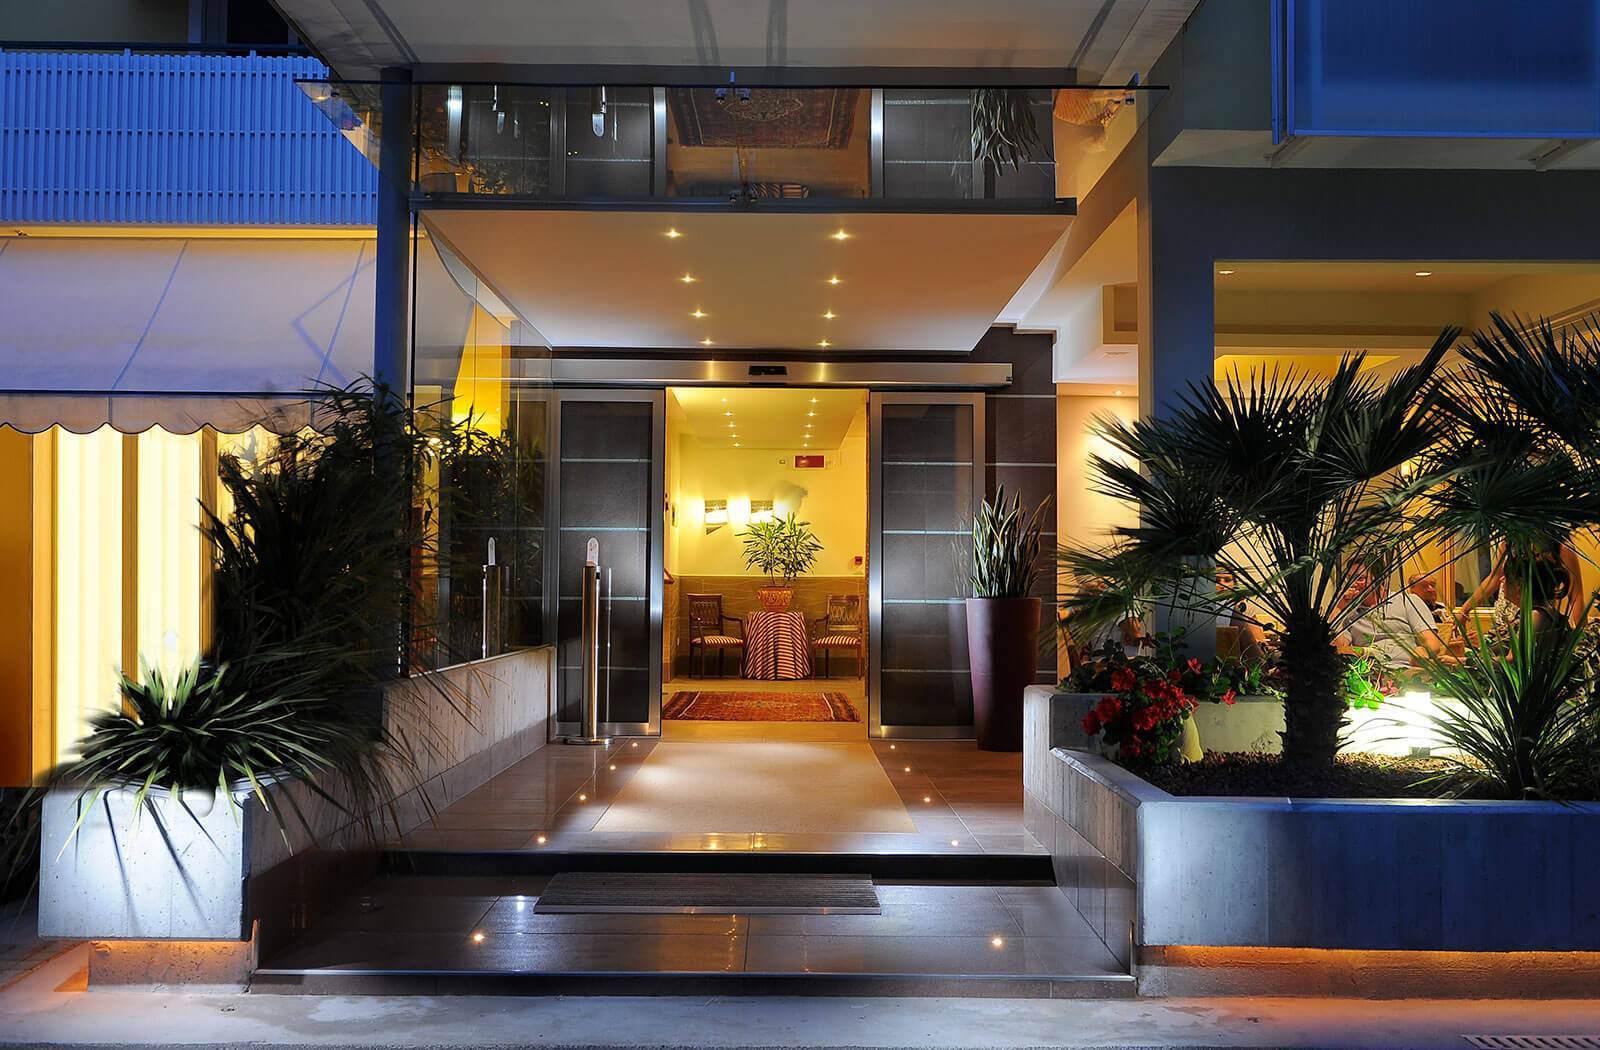 Hotel jesolo stelle hotel lilia sito ufficiale hotel jesolo